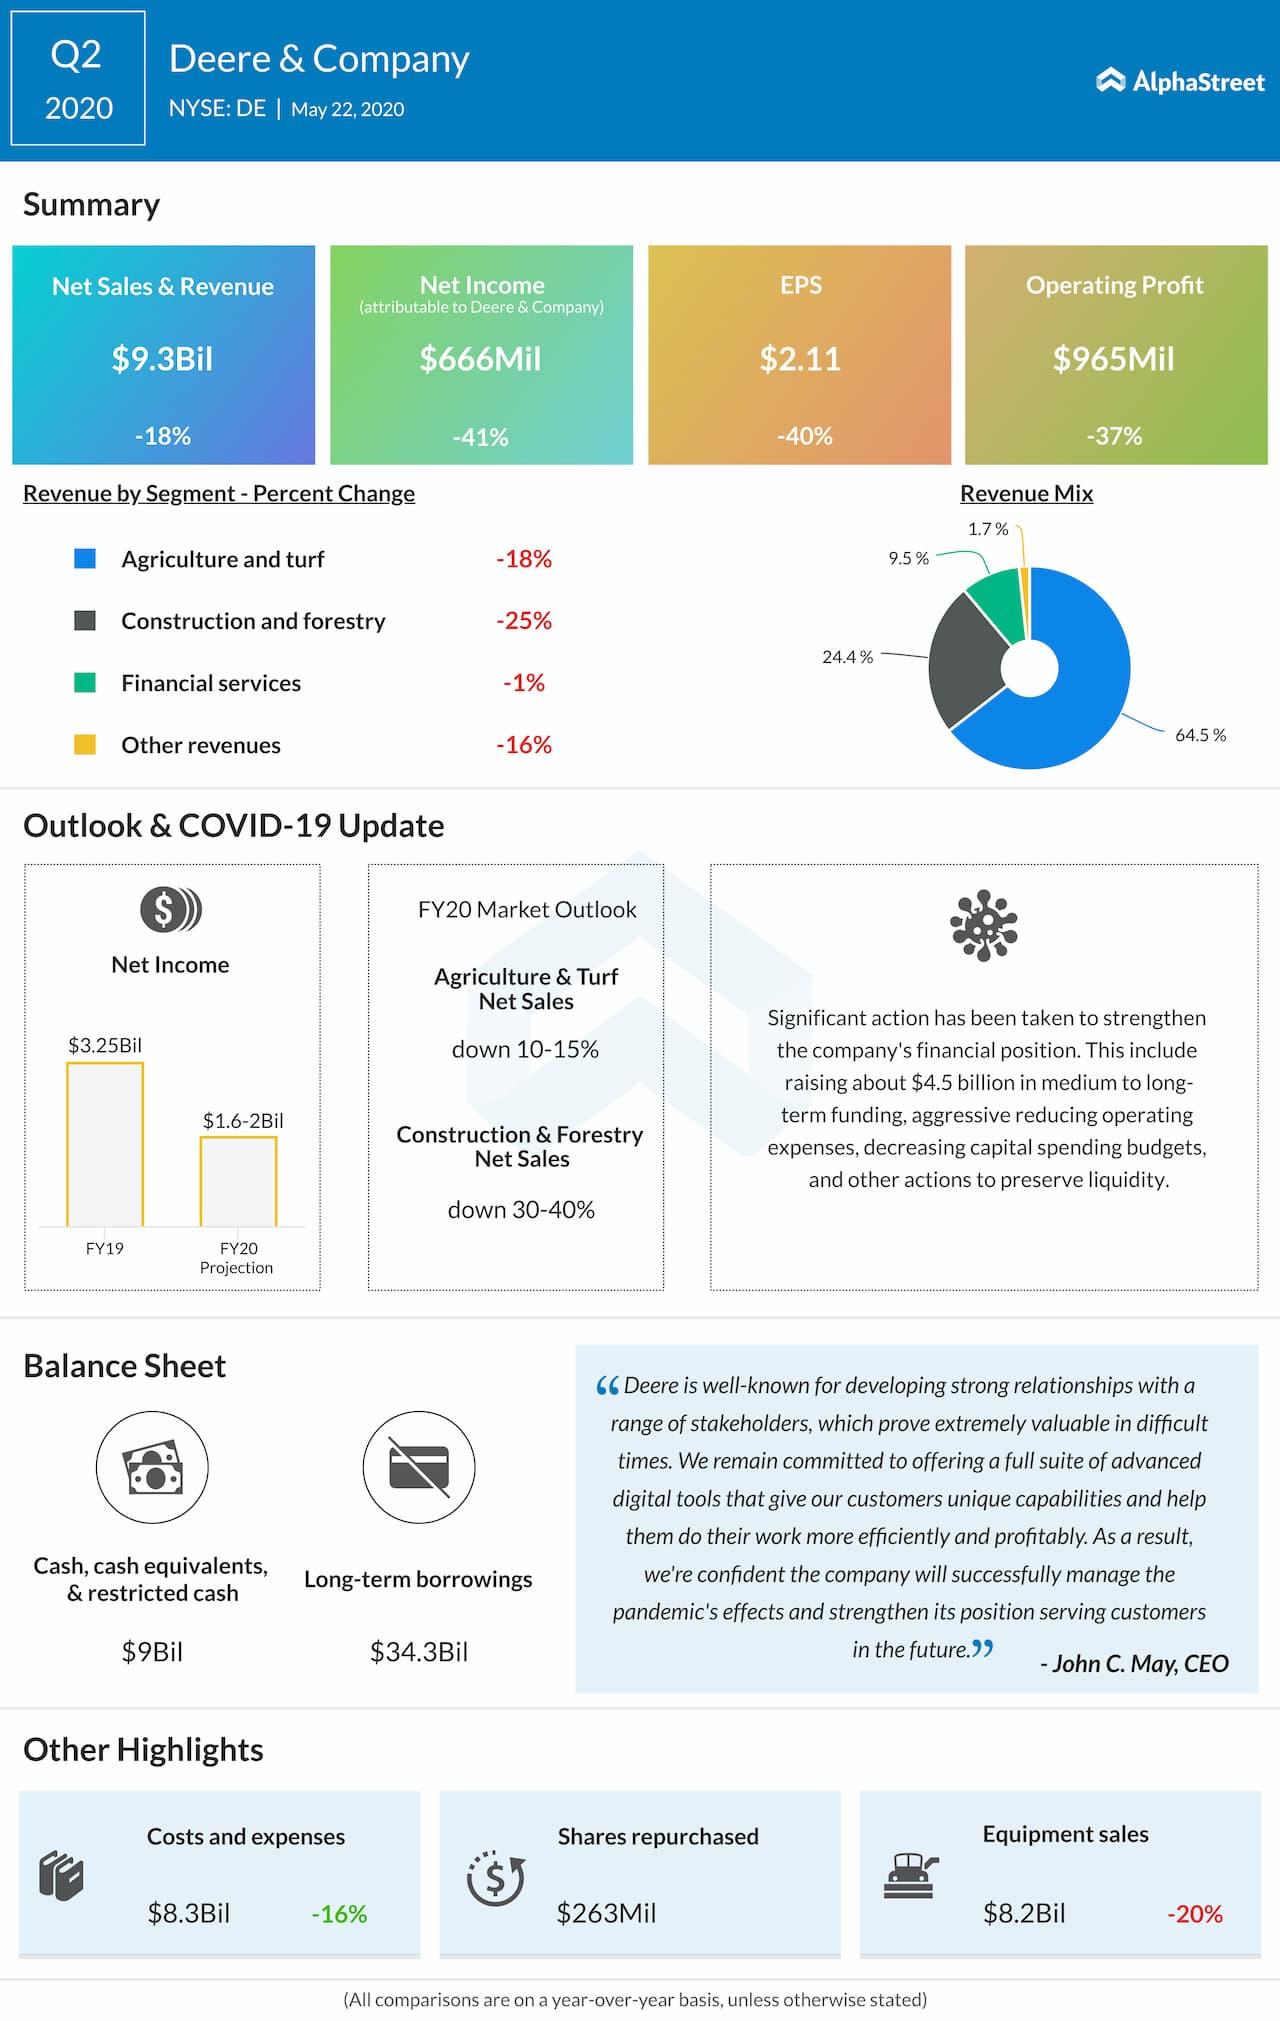 Deere (DE) Q2 2020 earnings review